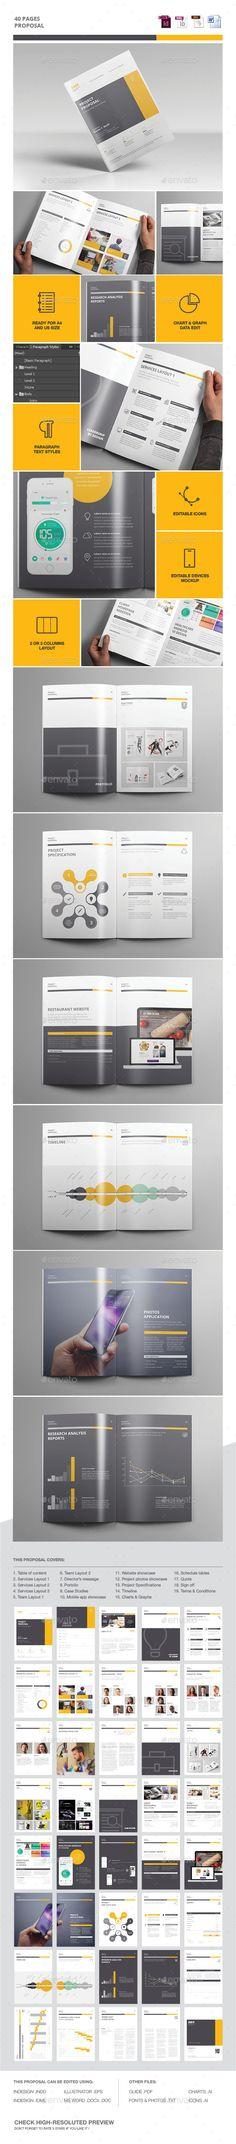 20 Best Case Studies Images Case Study Design Case Study Template